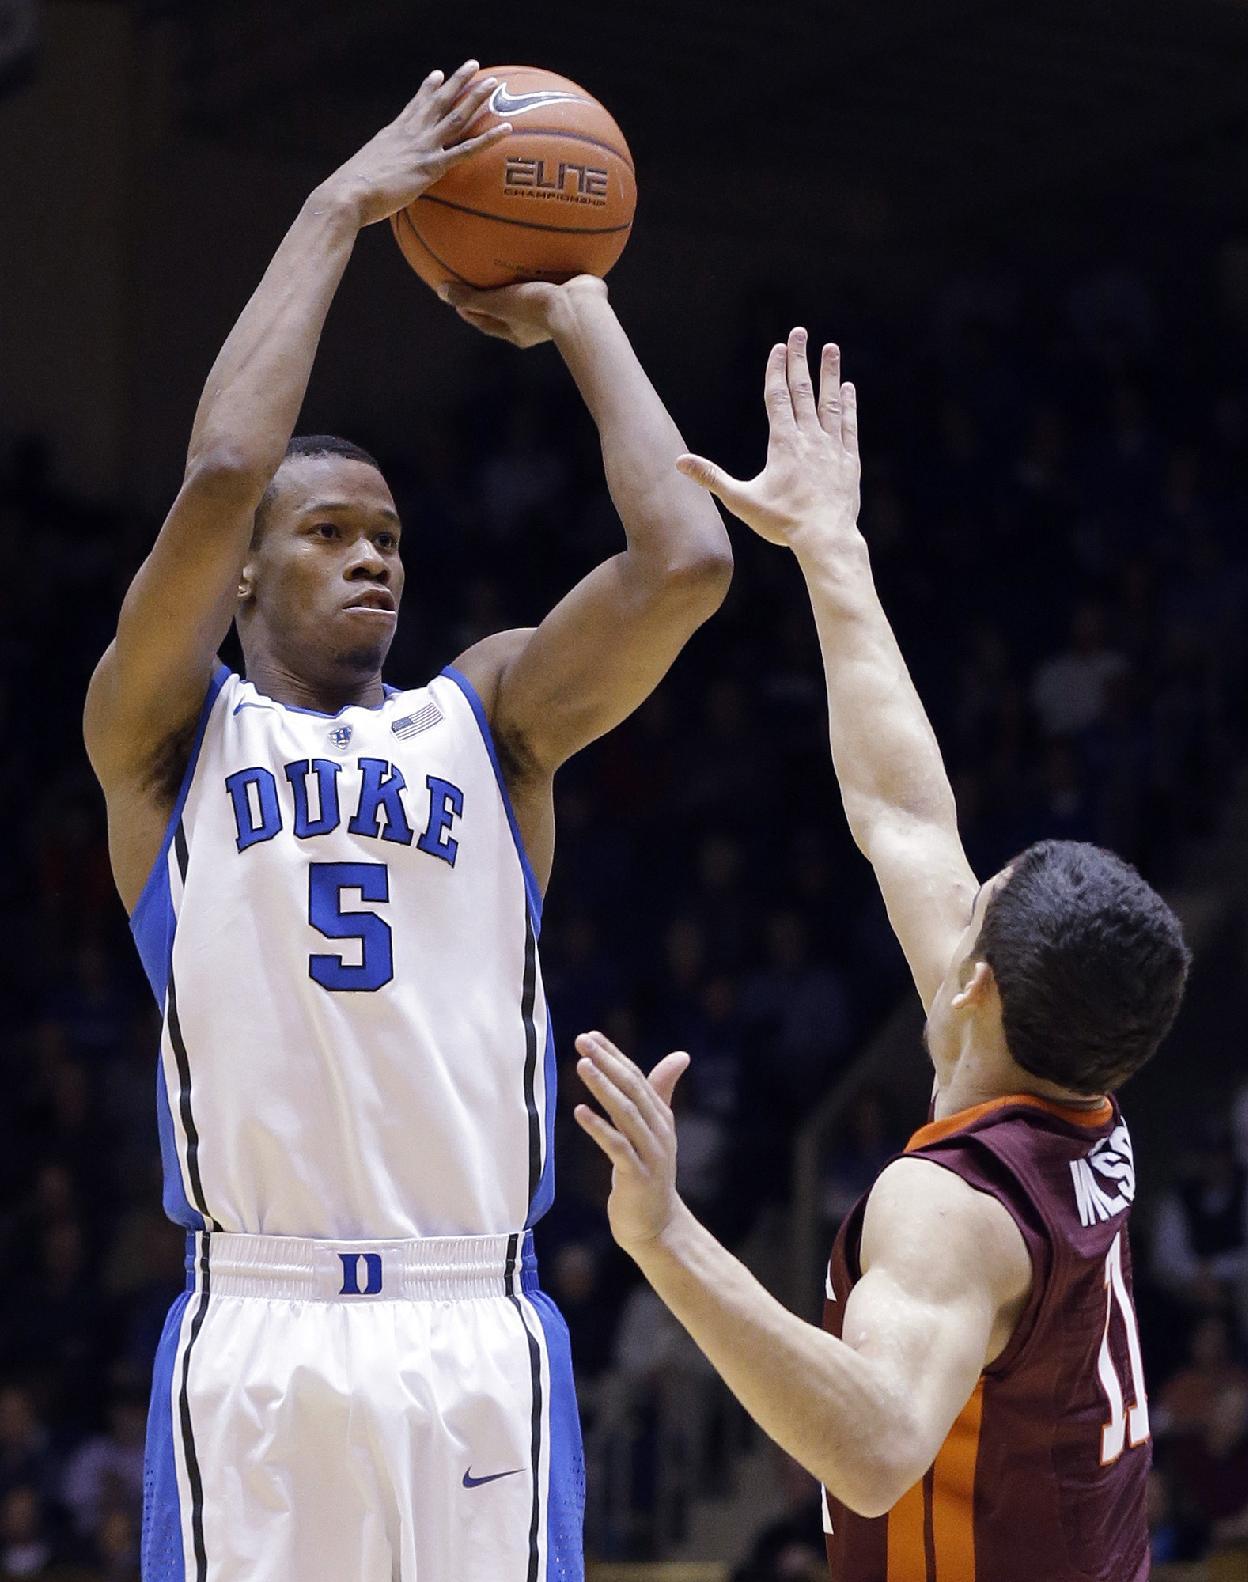 Duke sophomore Rodney Hood entering NBA draft